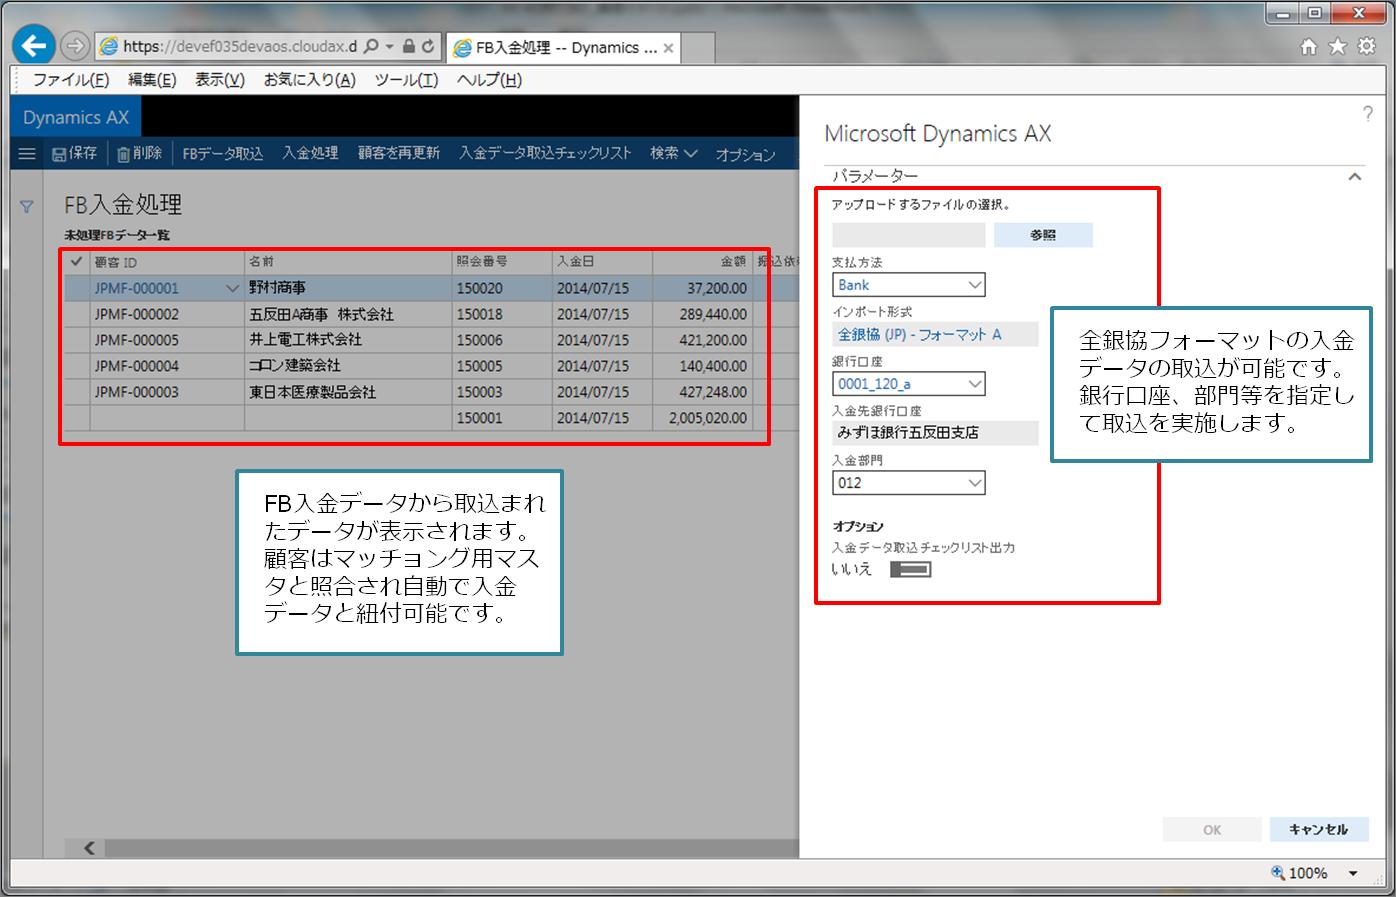 img_dynamics_ax06_r3.png